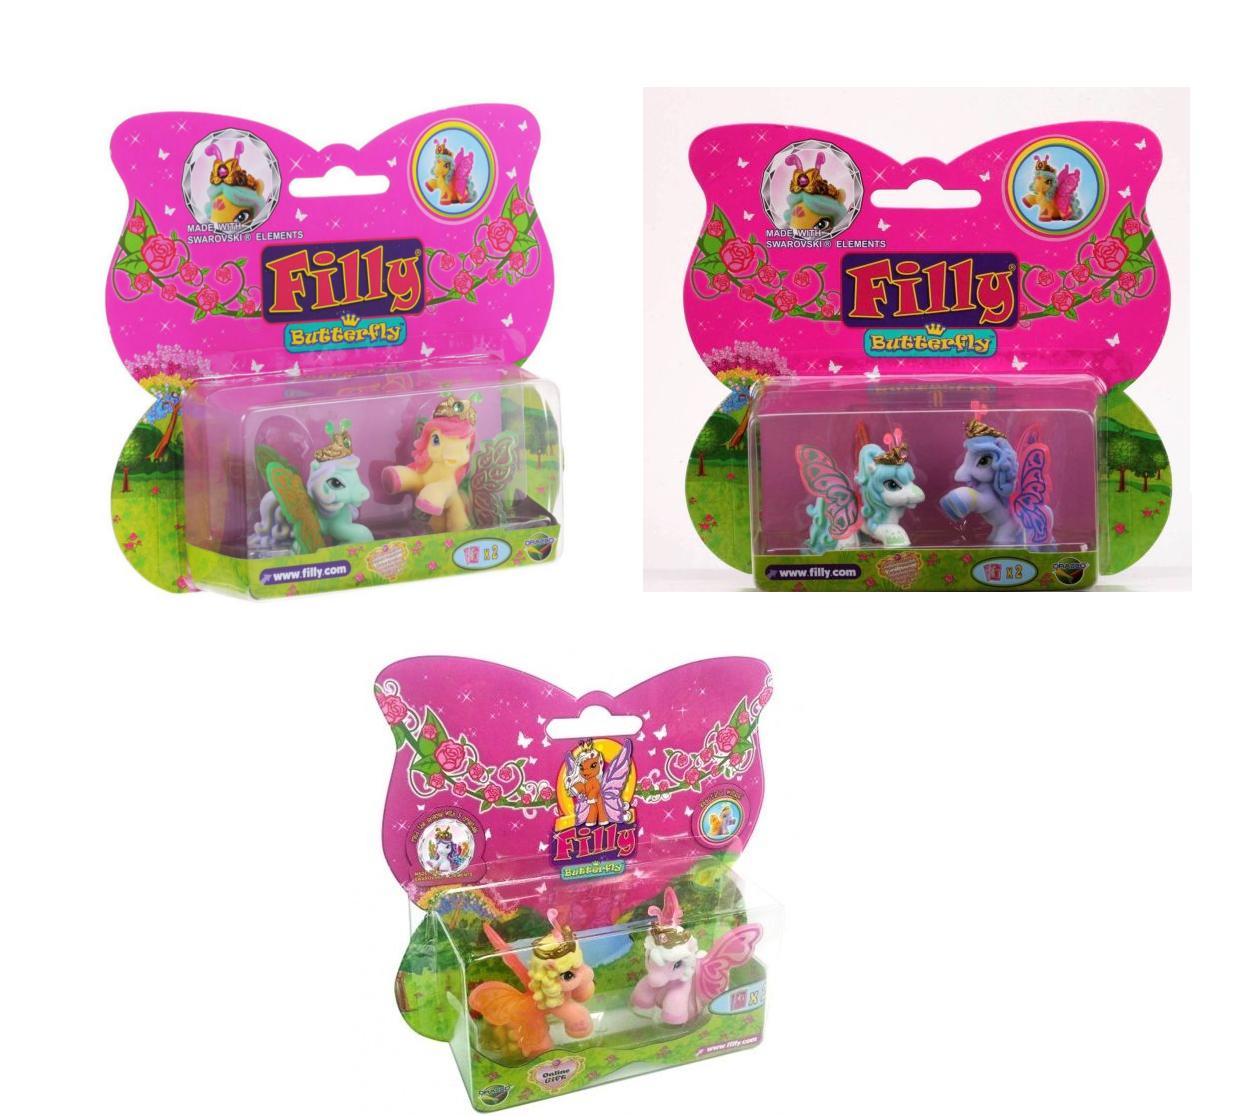 Набор Filly Бабочки  Лучшие друзья - Лошадки Филли Filly Princess, артикул: 142869